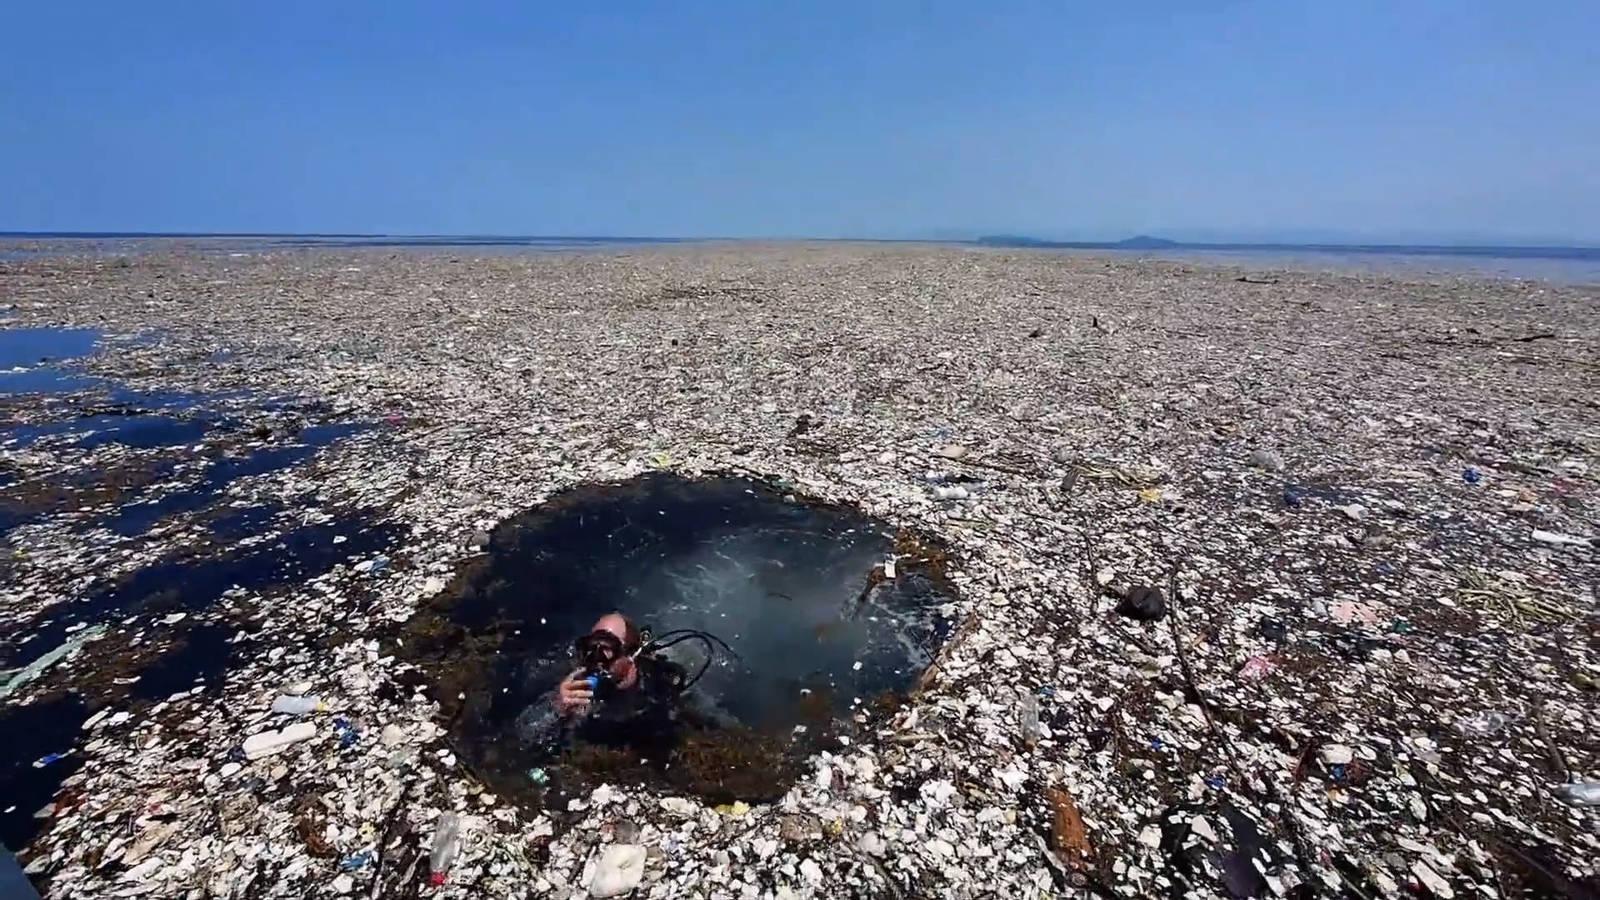 Isla de plástico en el Pacífico